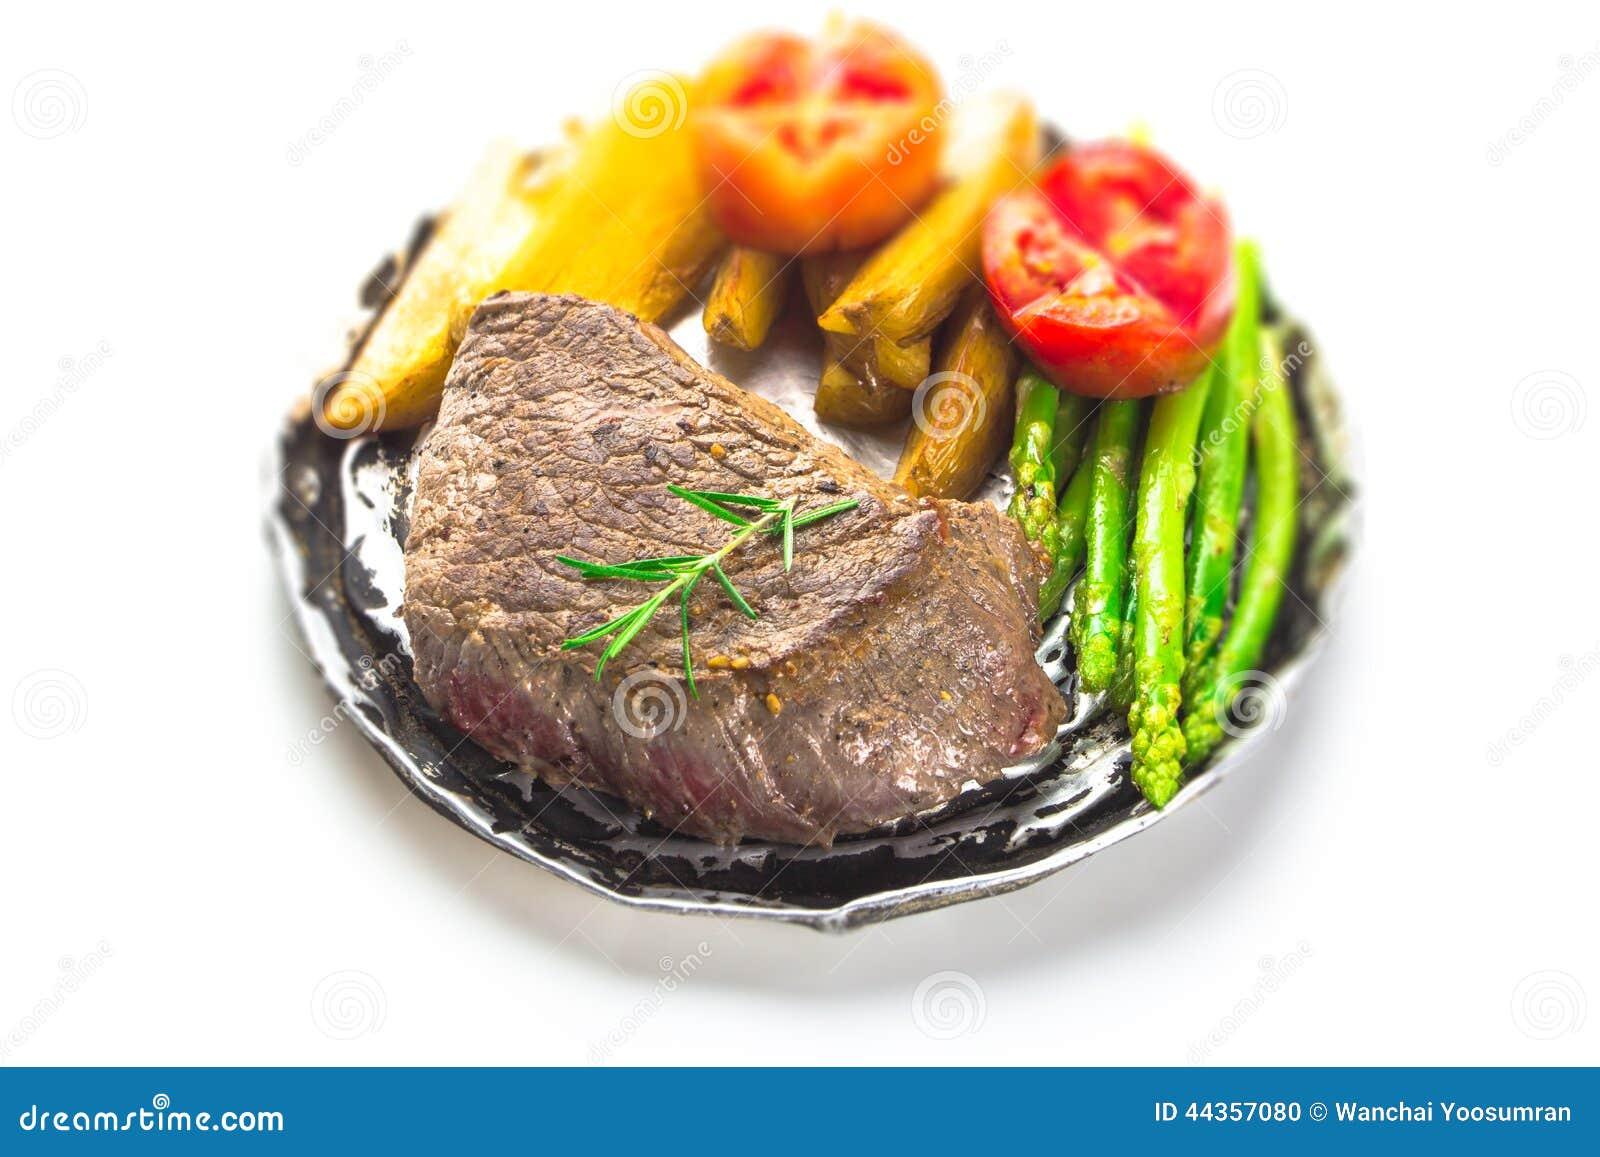 Il filetto di bue arrostito è servito con i pomodori e le verdure dell arrosto